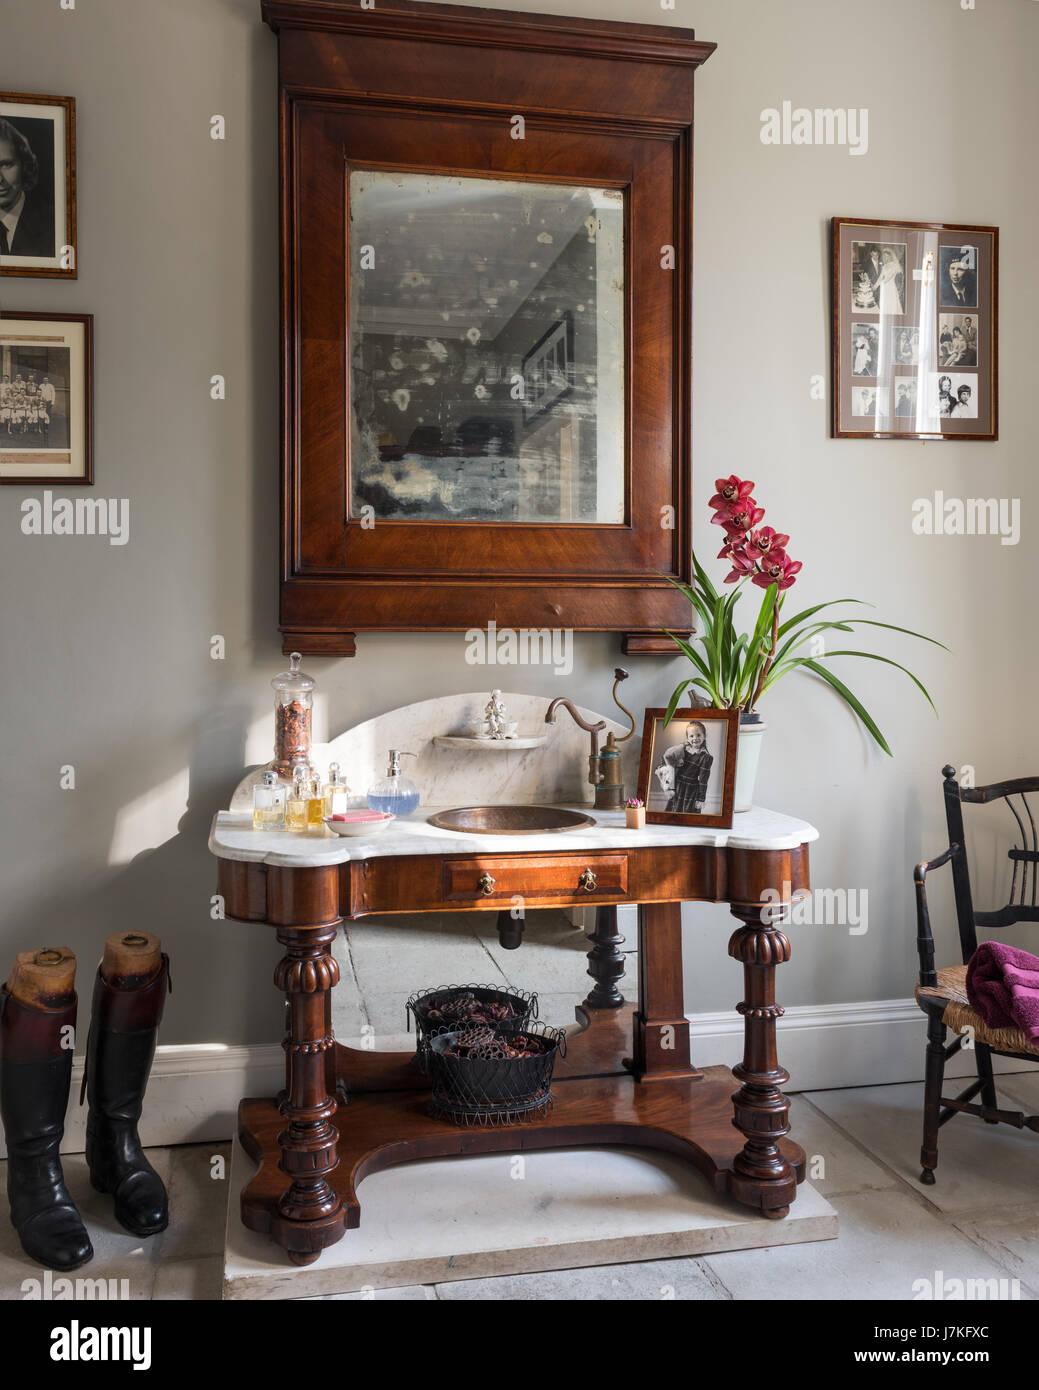 Antiker Marmor Gekront Schminktisch Unter Holz Gerahmten Spiegel In